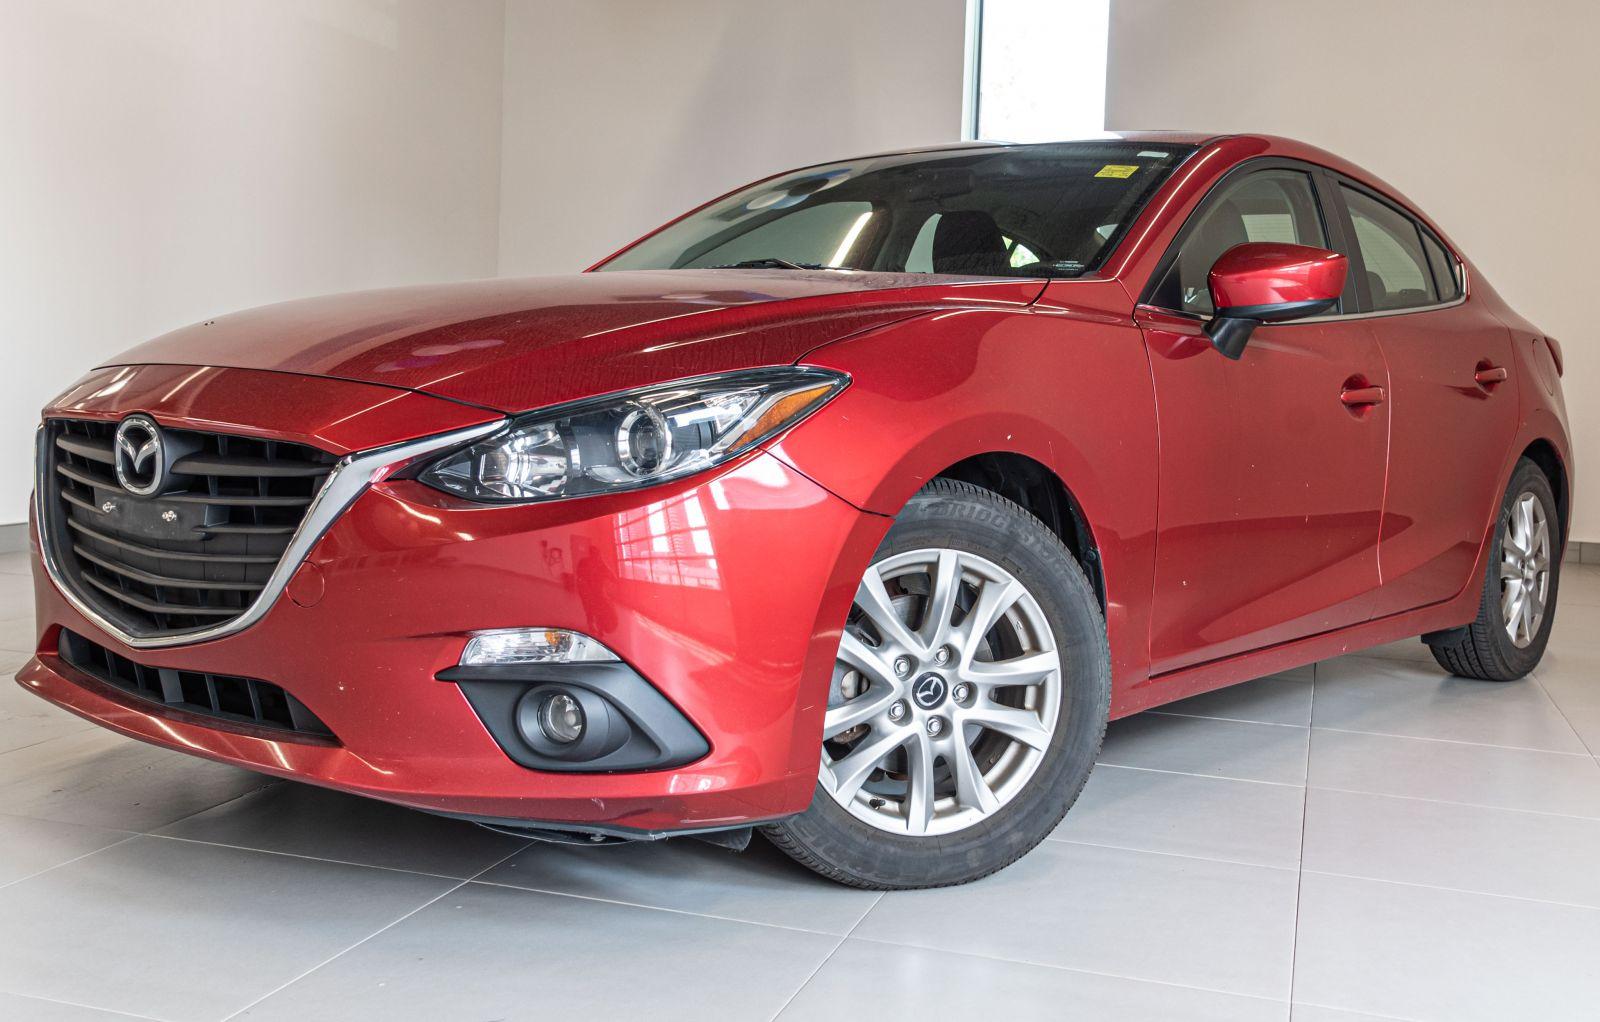 2015 Mazda Mazda3 Image